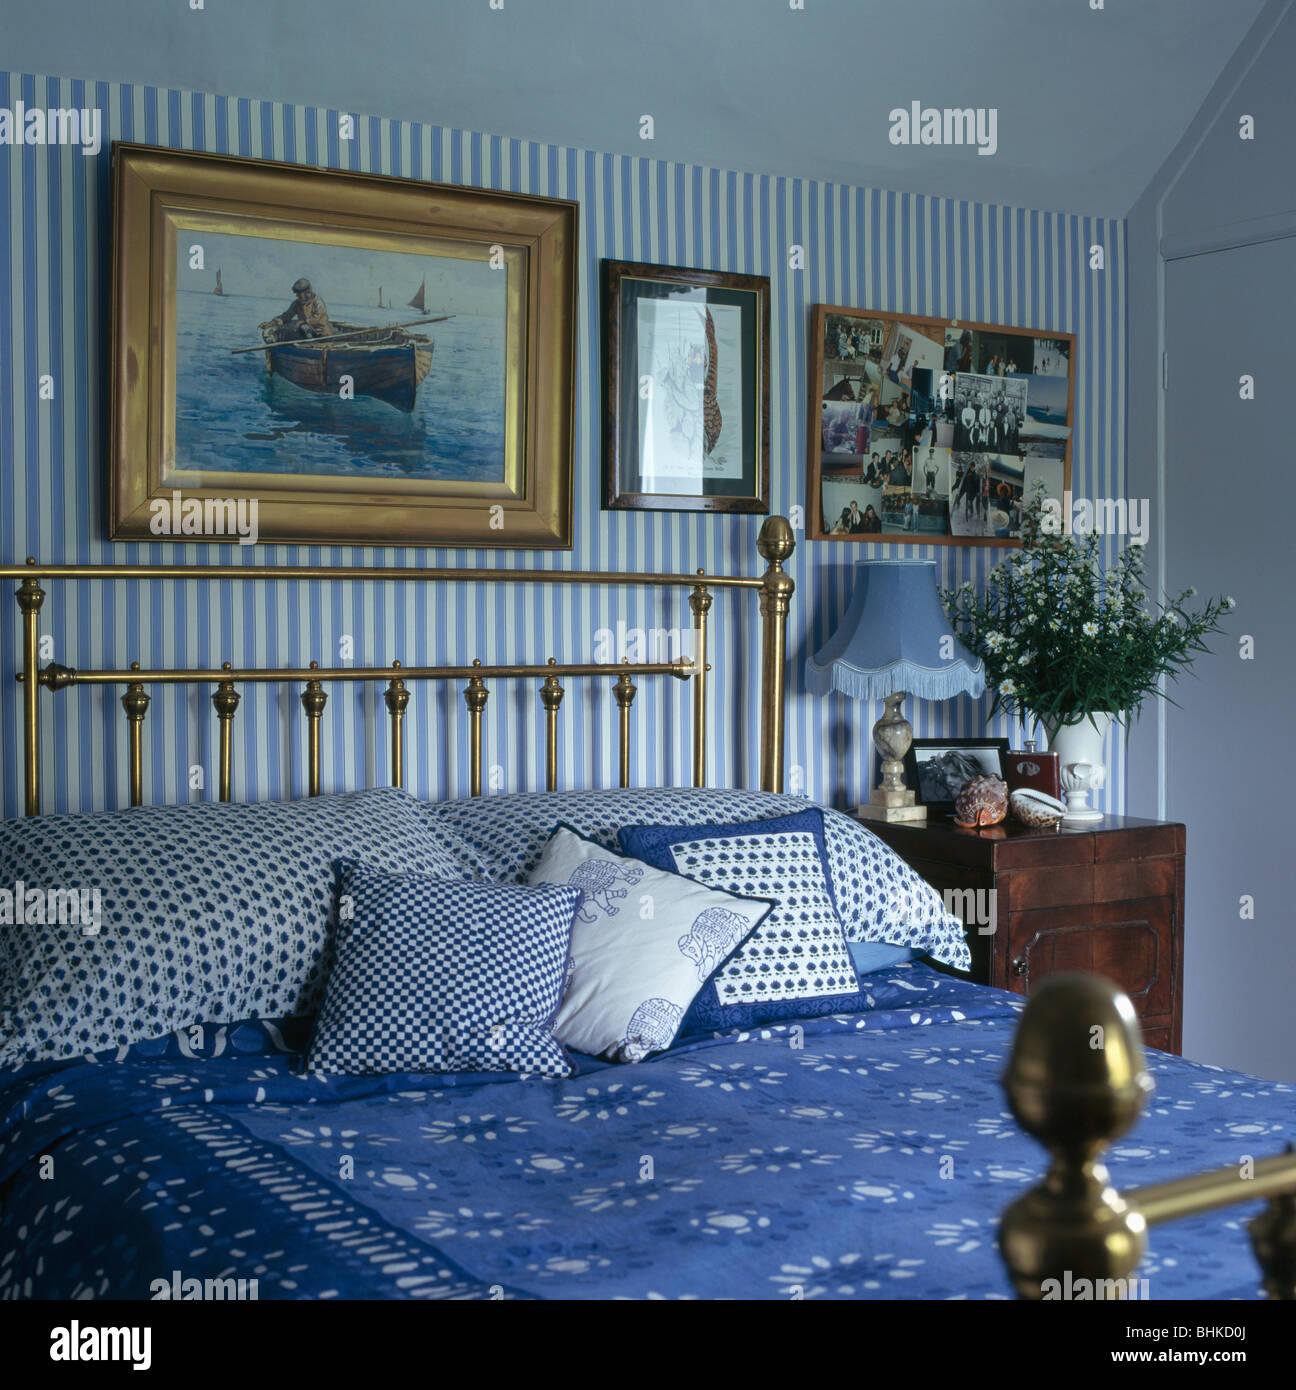 Alte Gemälde An Der Wand über Dem Antiken Messing Bett Mit Blauen Kissen  Und Bettdecke Im Schlafzimmer Mit Blau + Weiß Gestreifte Tapete